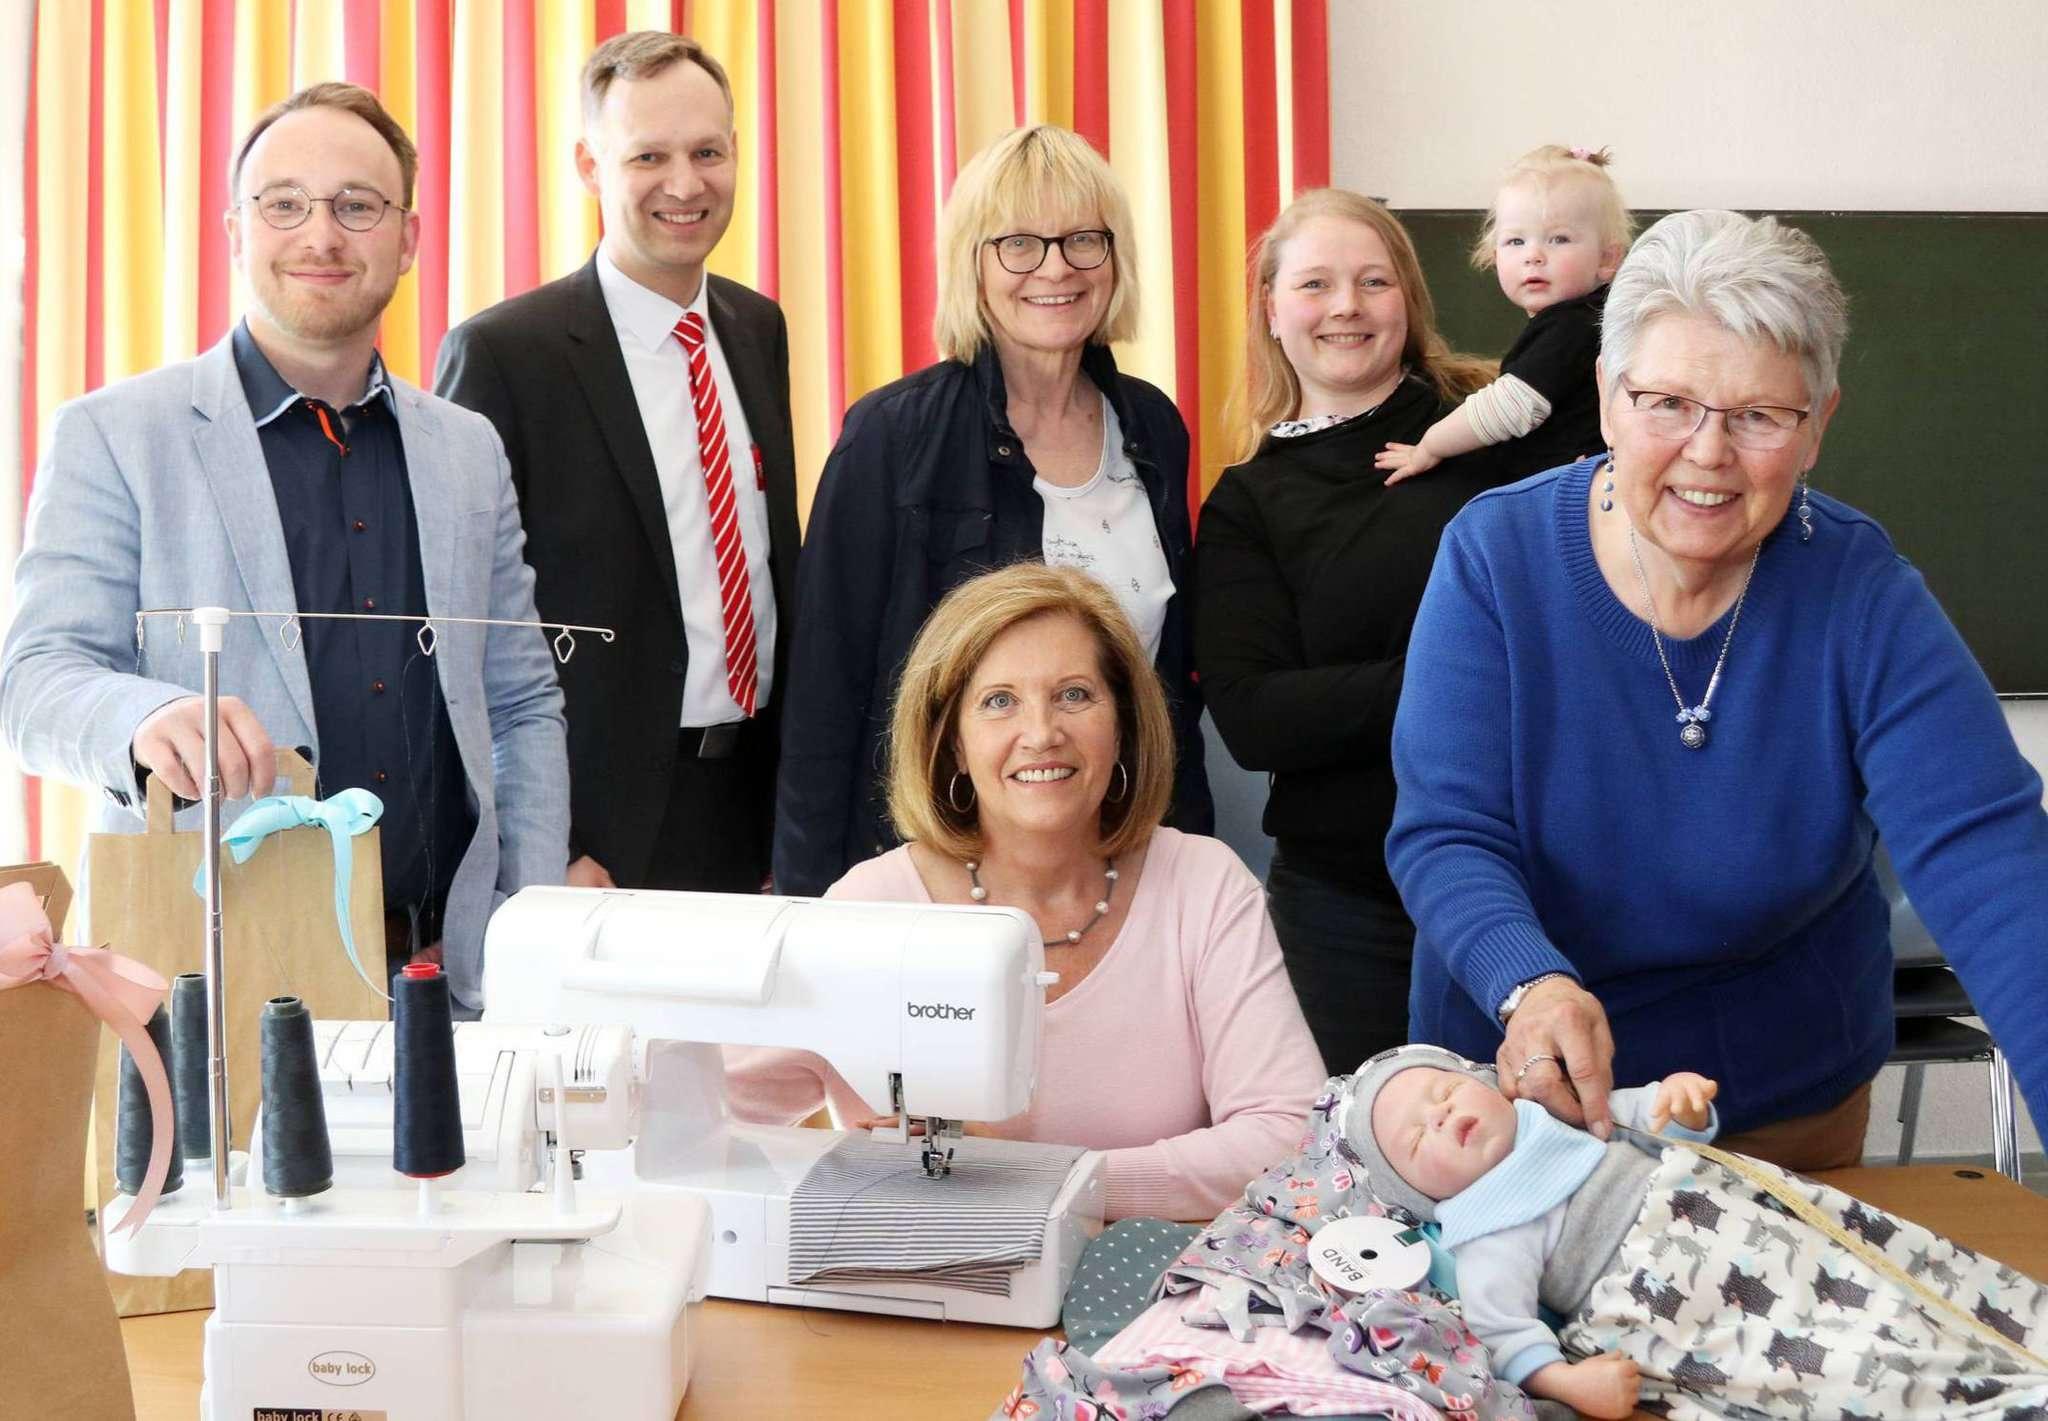 Christian Oddoy (stehend von links), Jens Gilberg und Susanne Armbrust unterstützen die Arbeit der Näherinnen Rena Gastmeier (mit Tochter Charlotte) und Karin Gruß sowie Doris Corr (sitzend). Foto: Nina Baucke